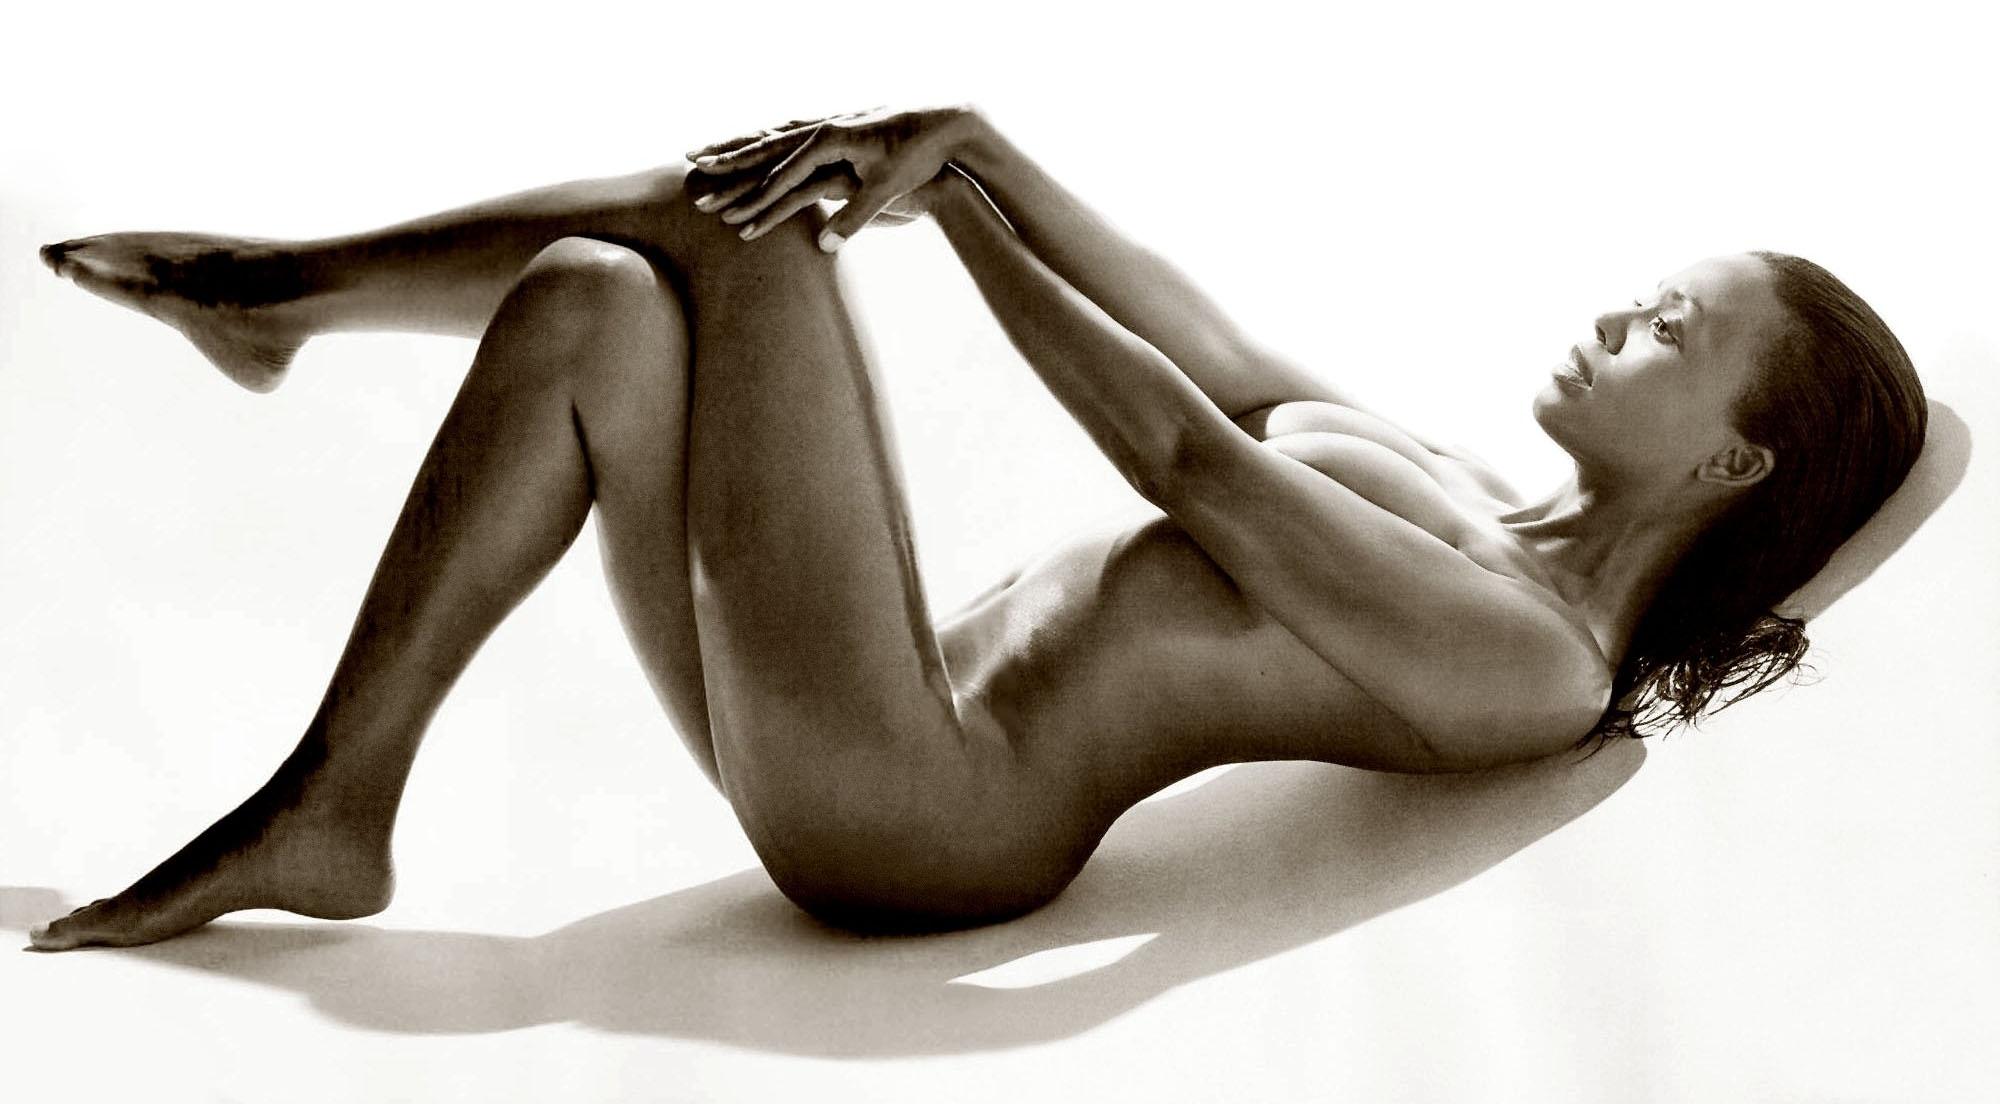 Айша Тайлер голая. Фото - 8